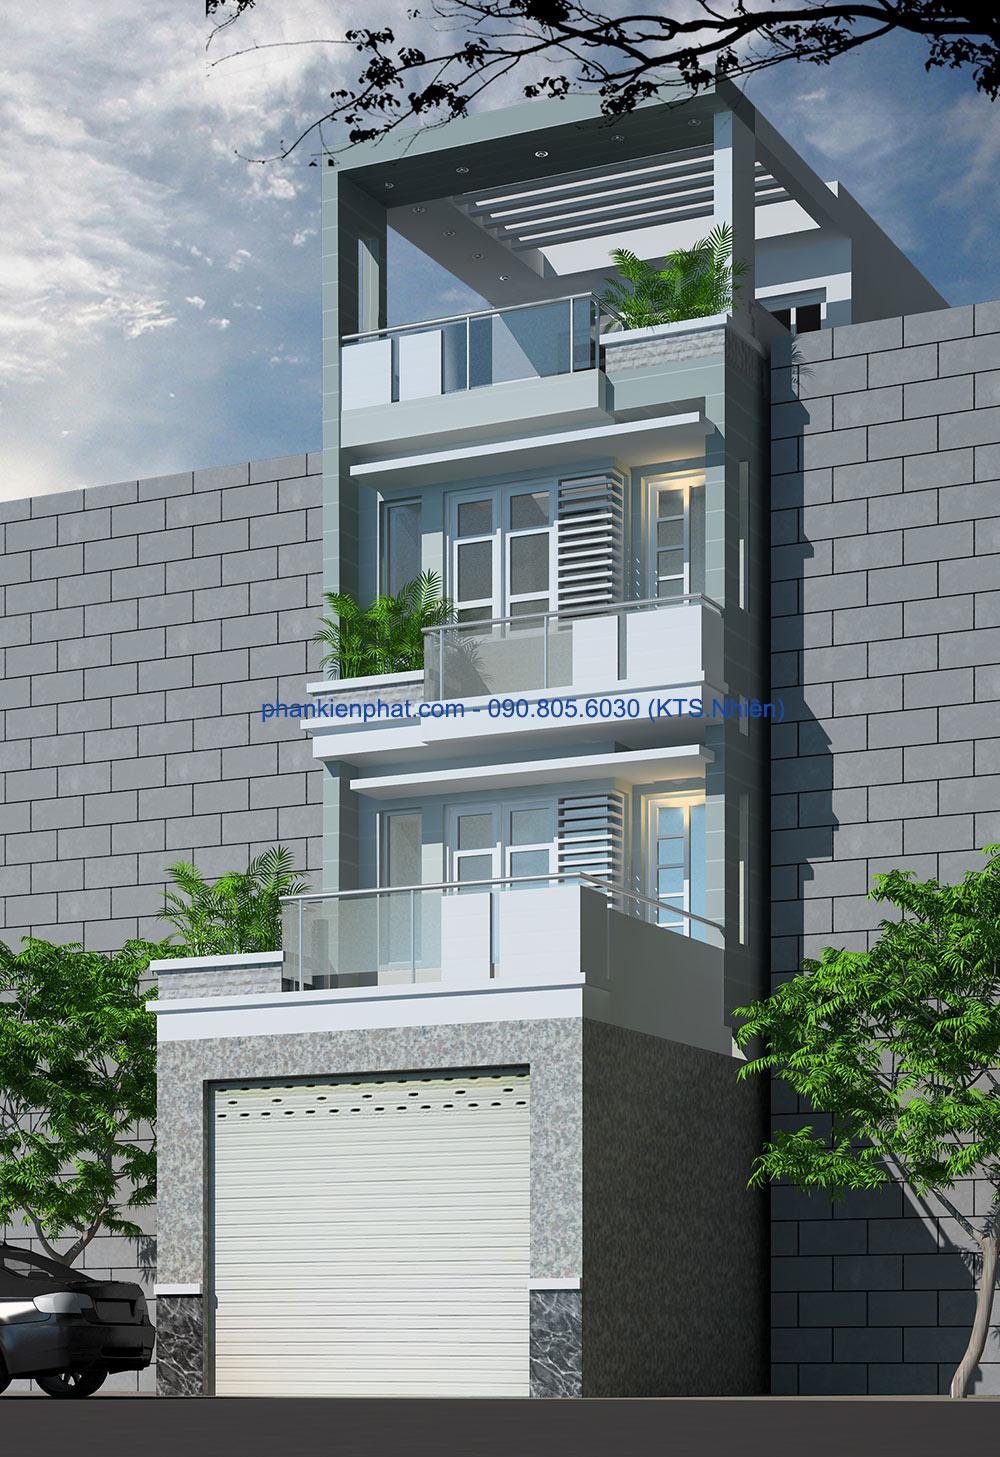 Mẫu thiết kế nhà phố 4 tầng 4,5x20m đẹp tại quận 3